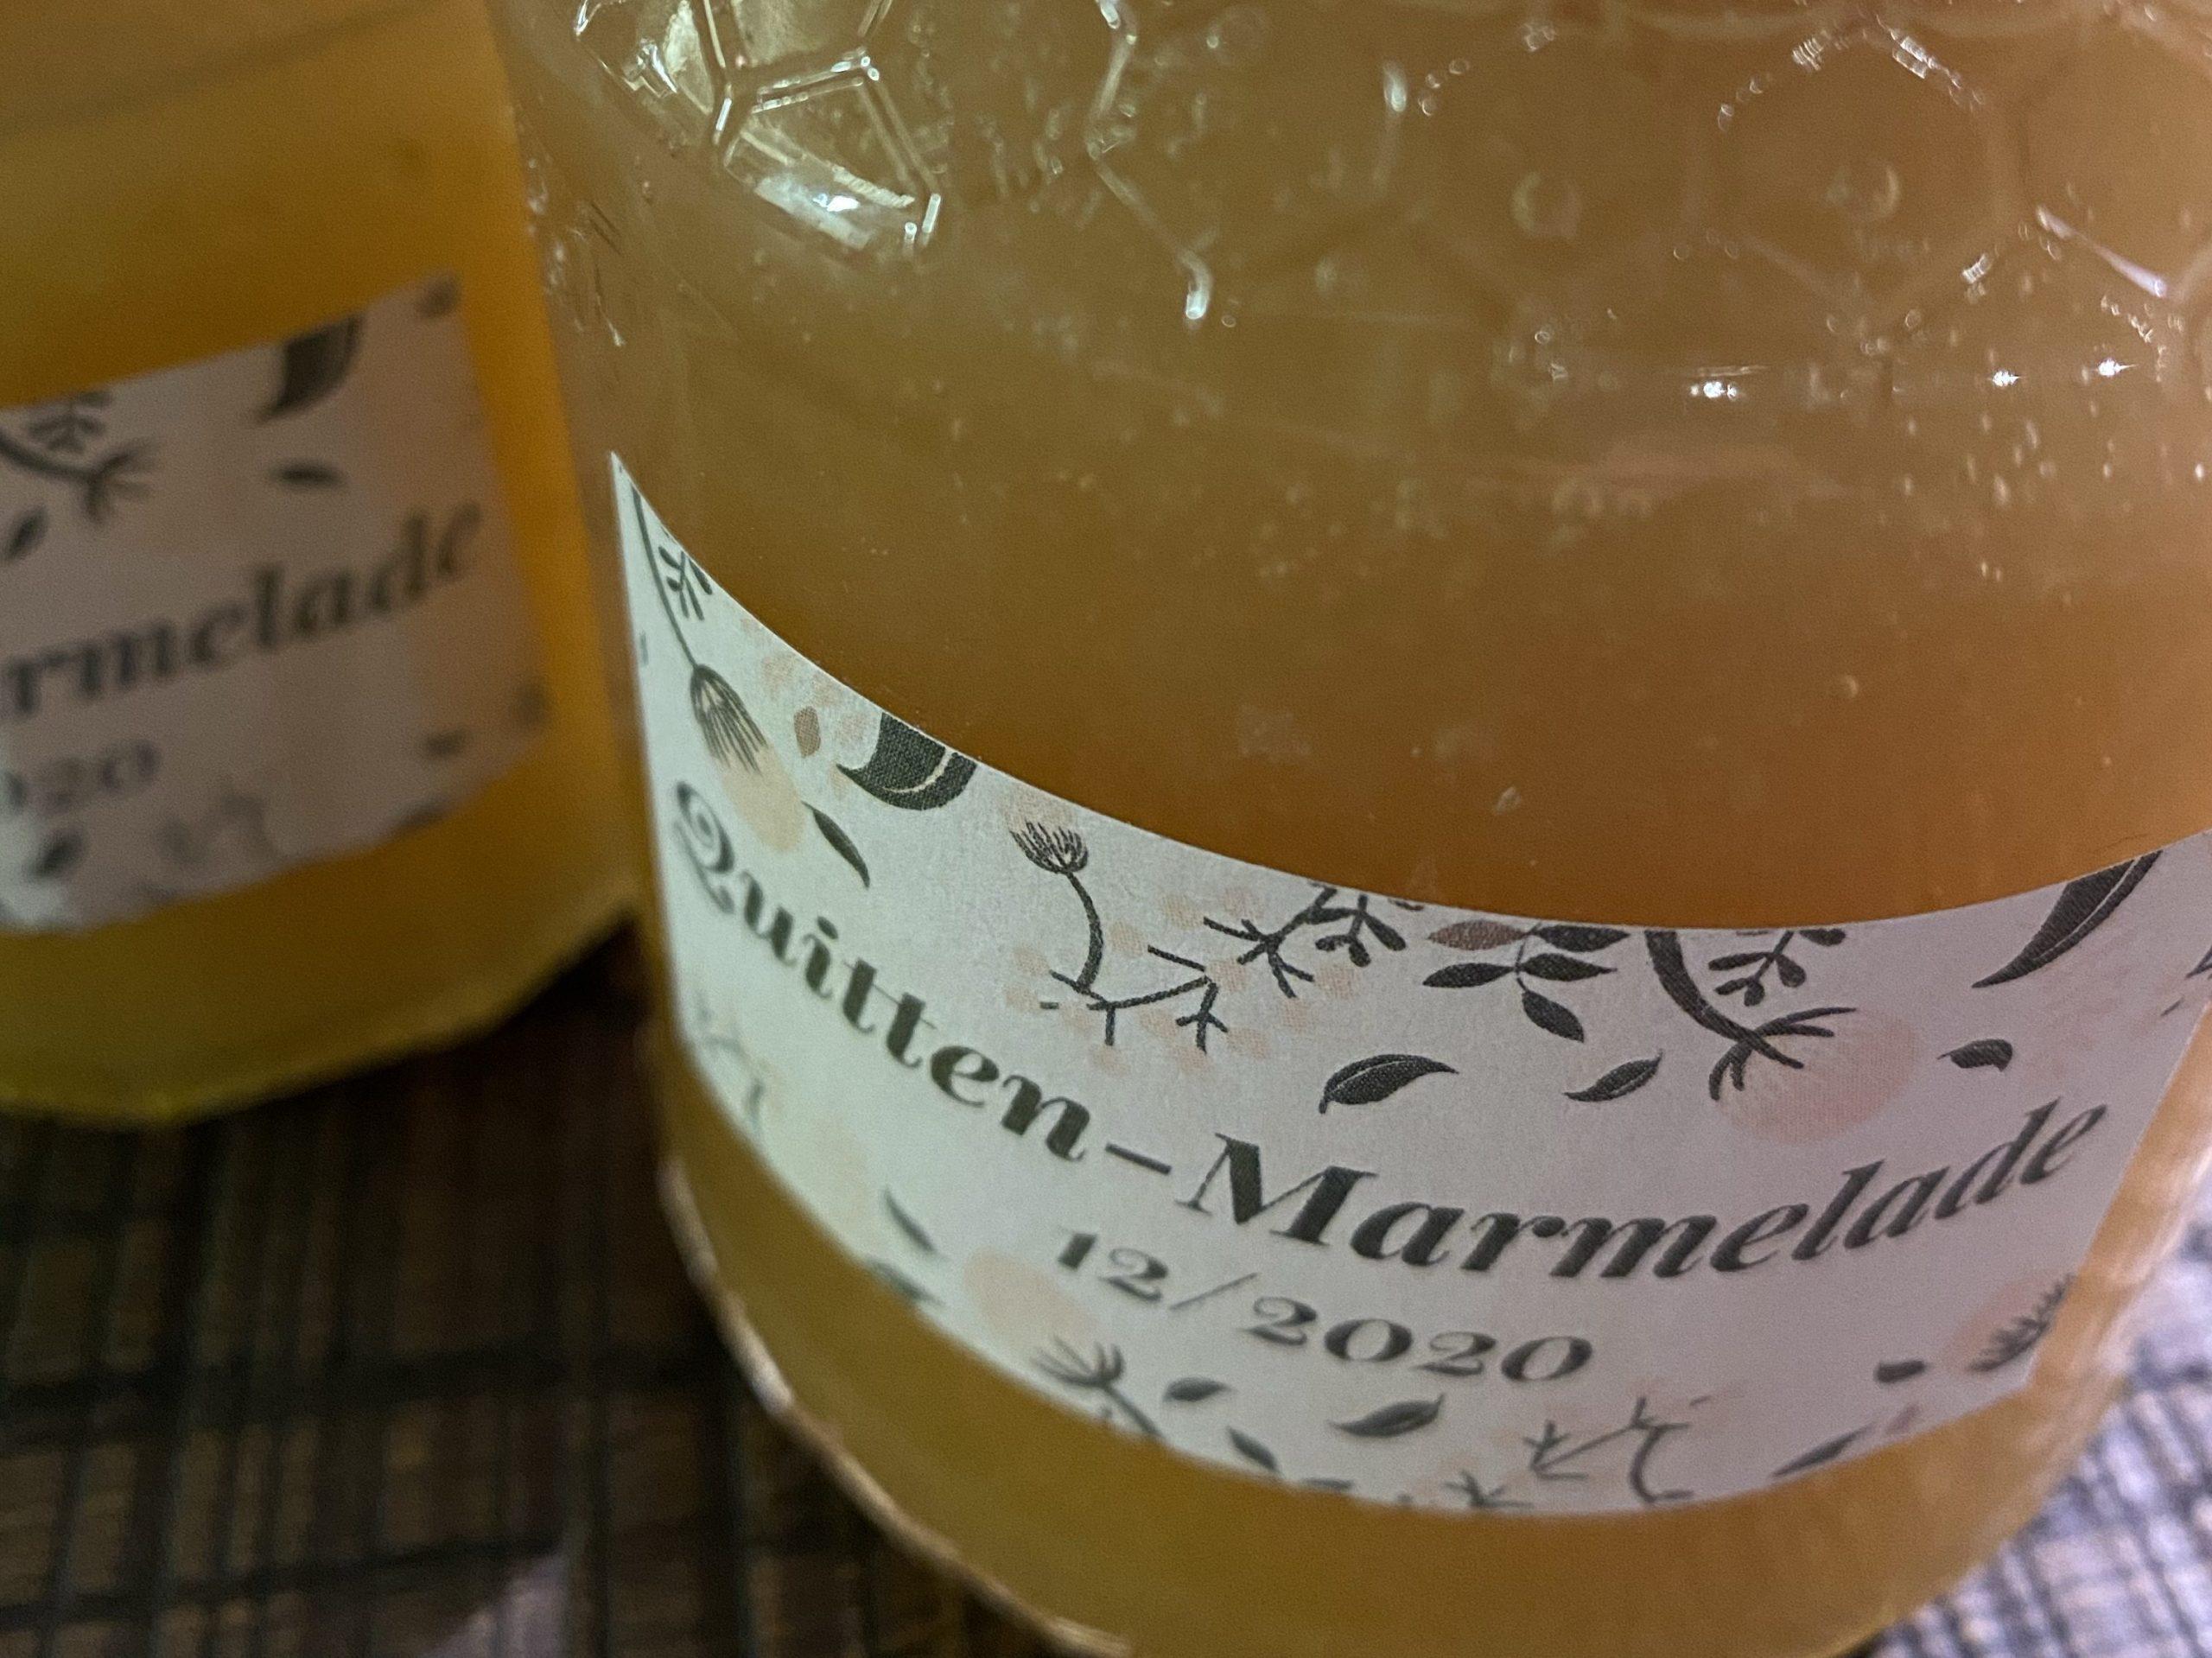 Gläser mit selbst gemachter Quitten-Marmelade.